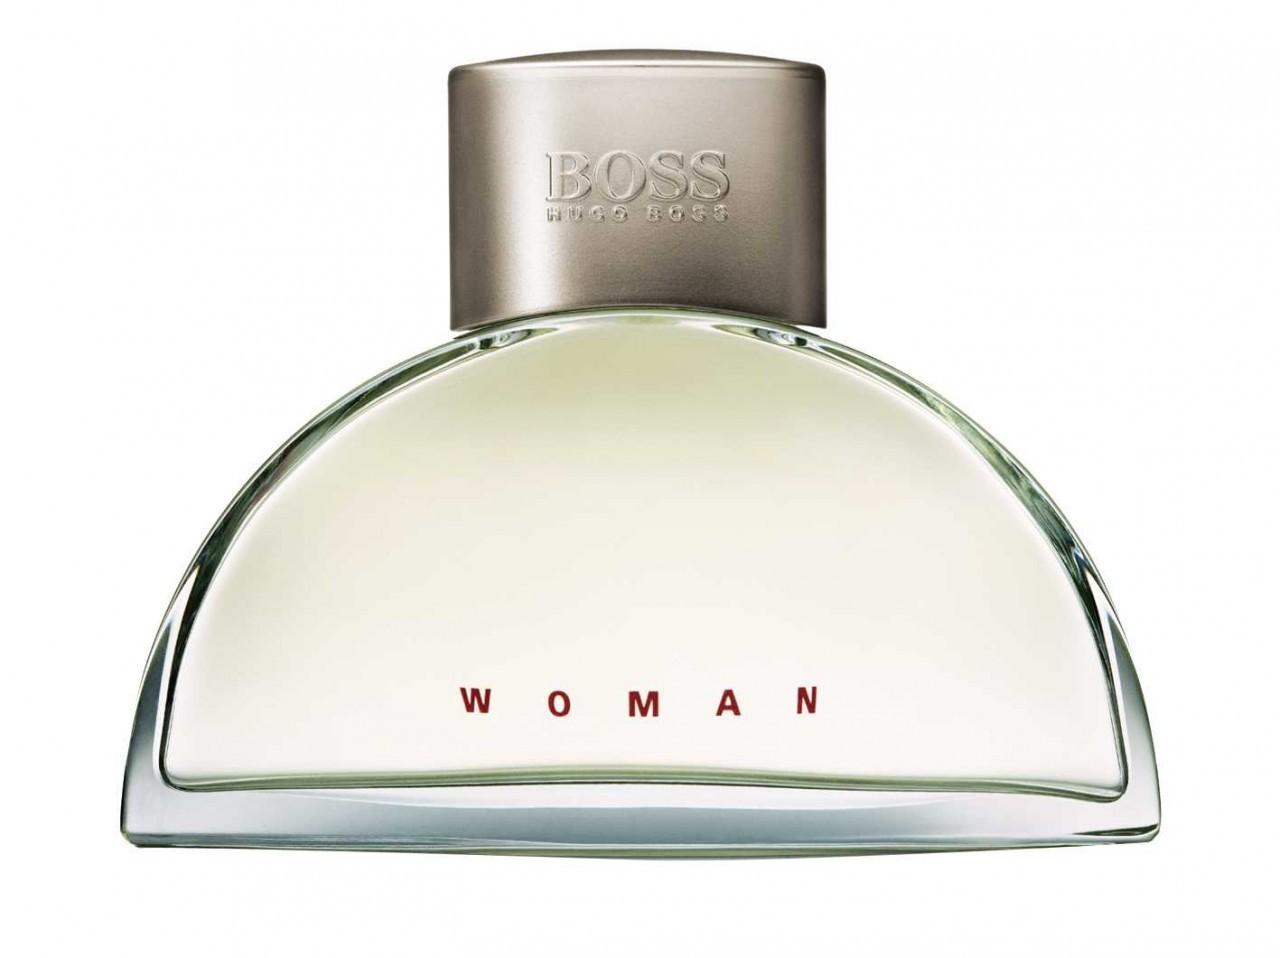 Boss Woman image